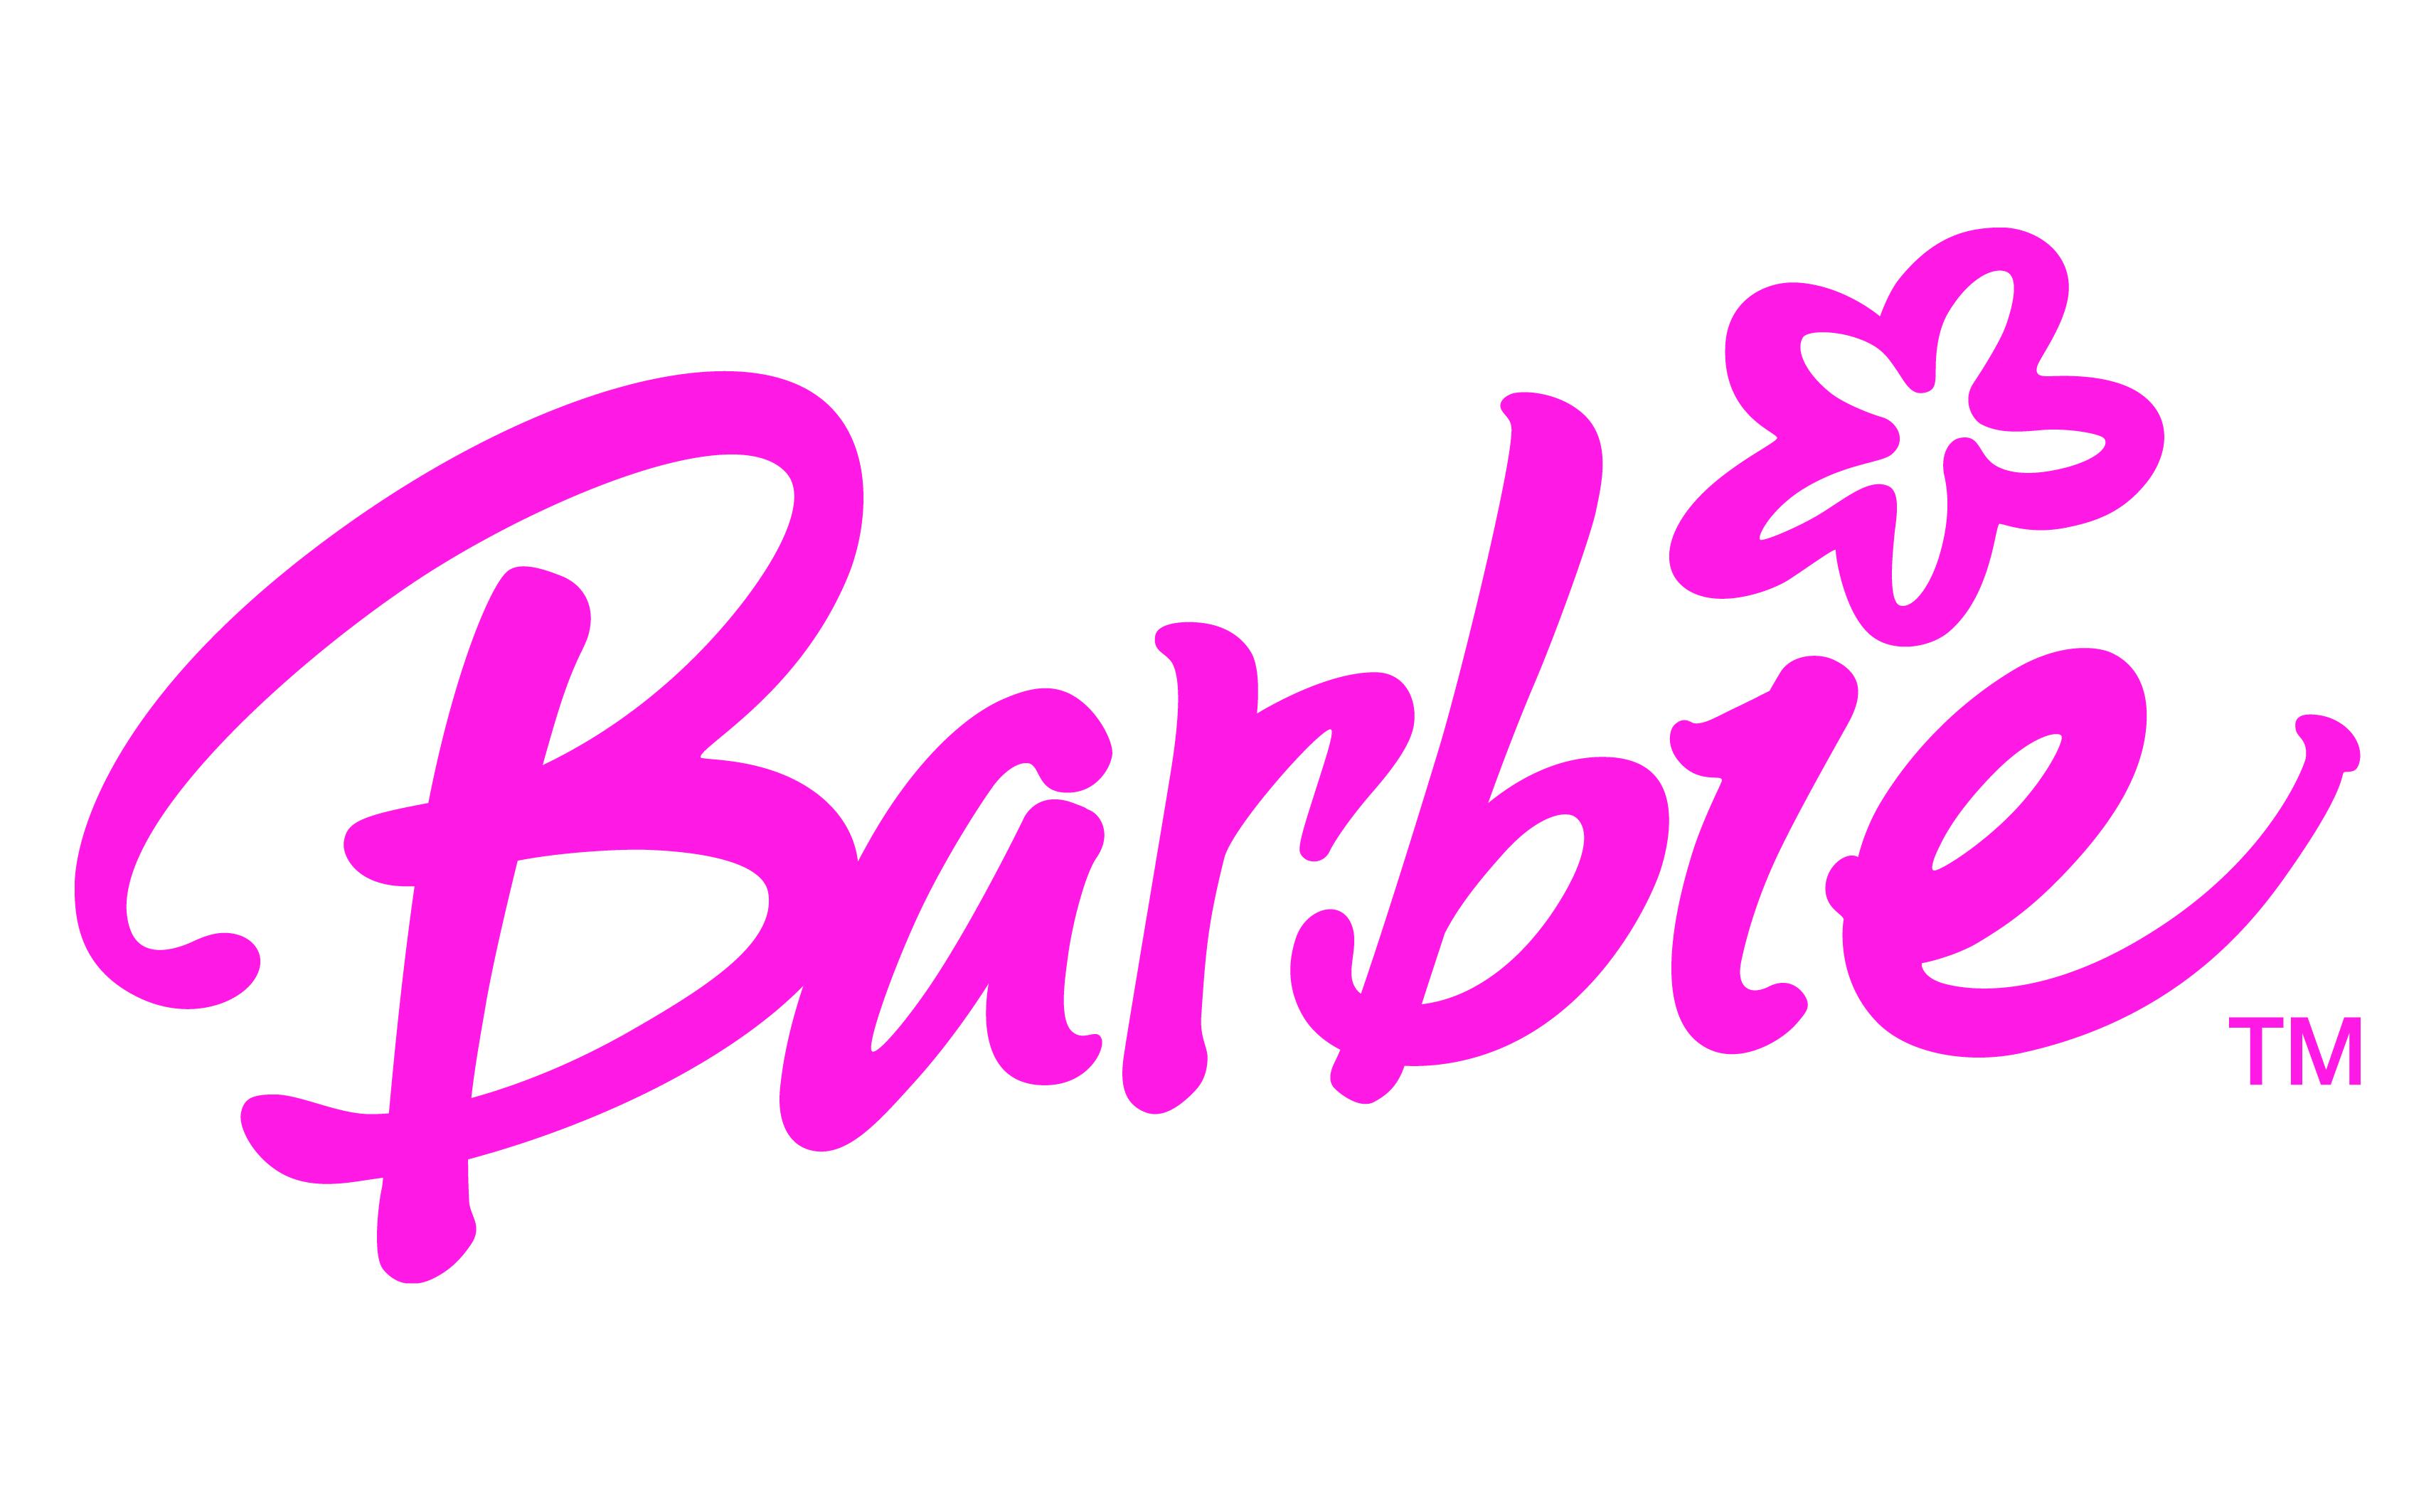 Wallpaper clipart barbie Logo every Design logo